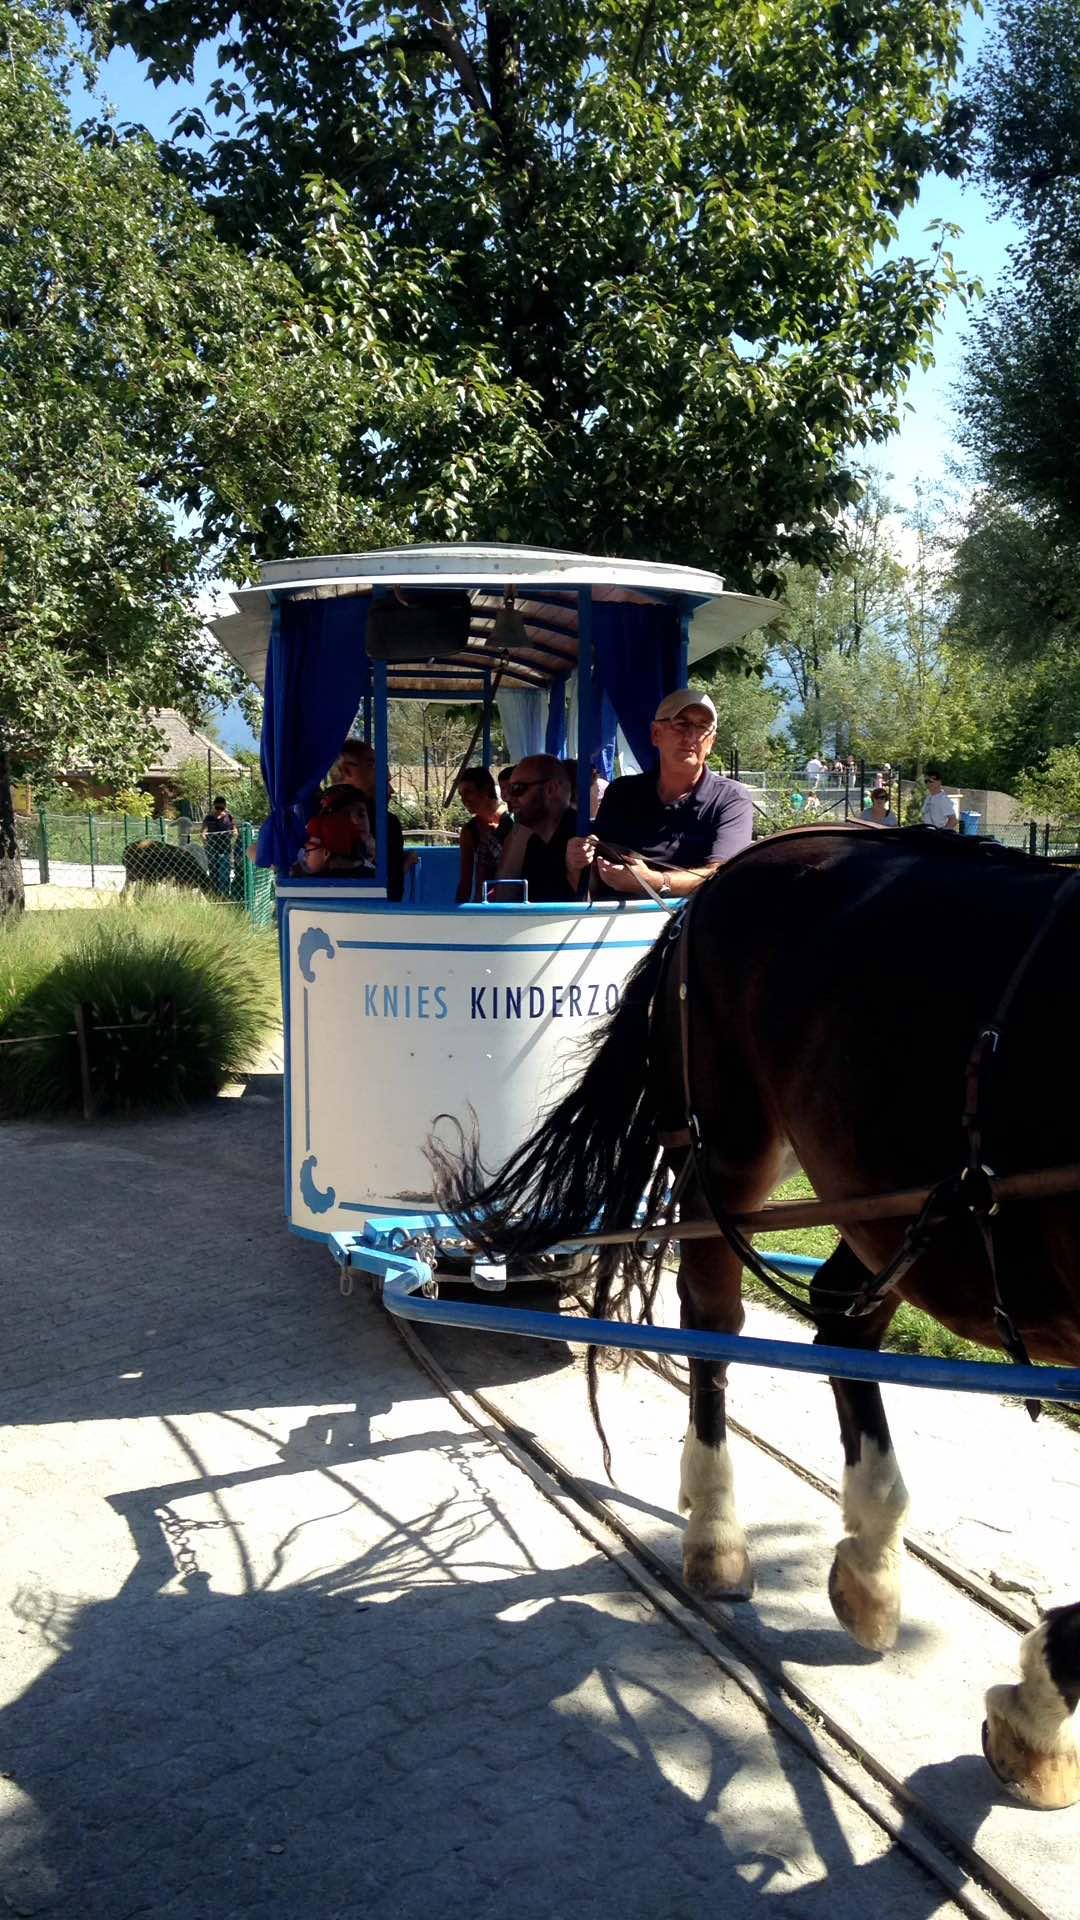 Un Tramway a voie étroite tracté par un cheval